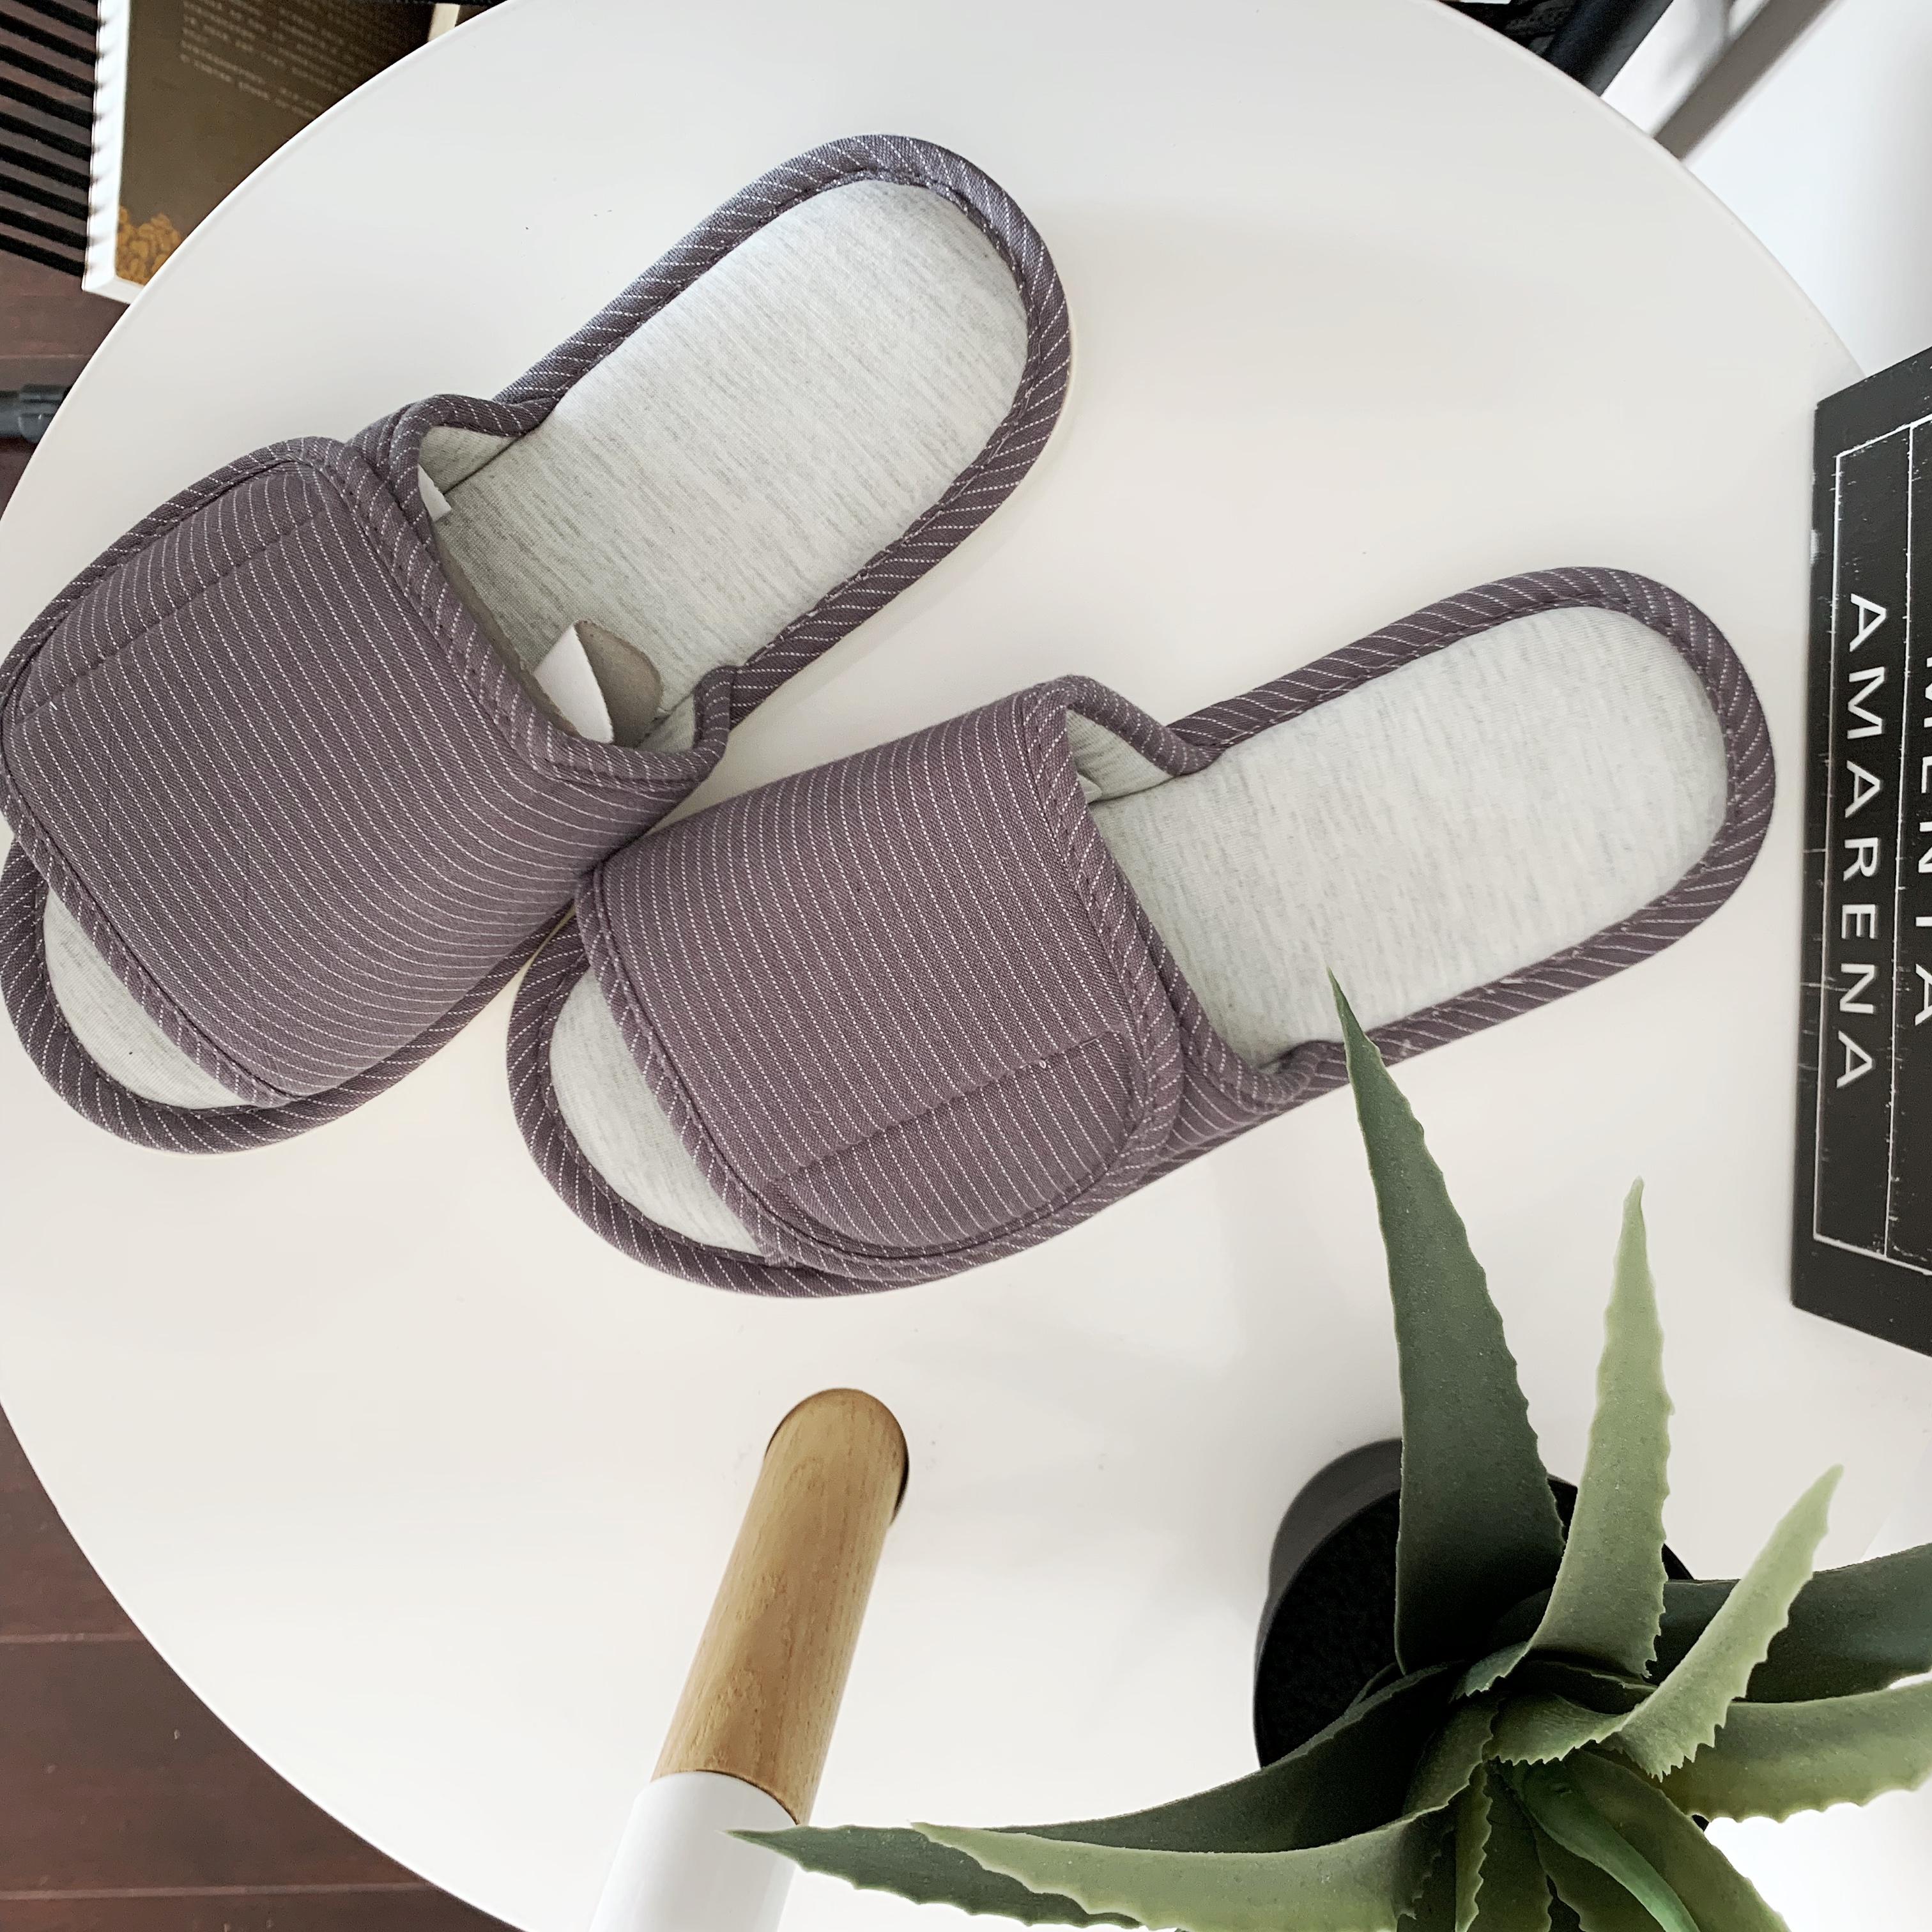 日式居家情侣棉麻拖鞋 室内静音软底舒适防滑亲肤透气家居鞋